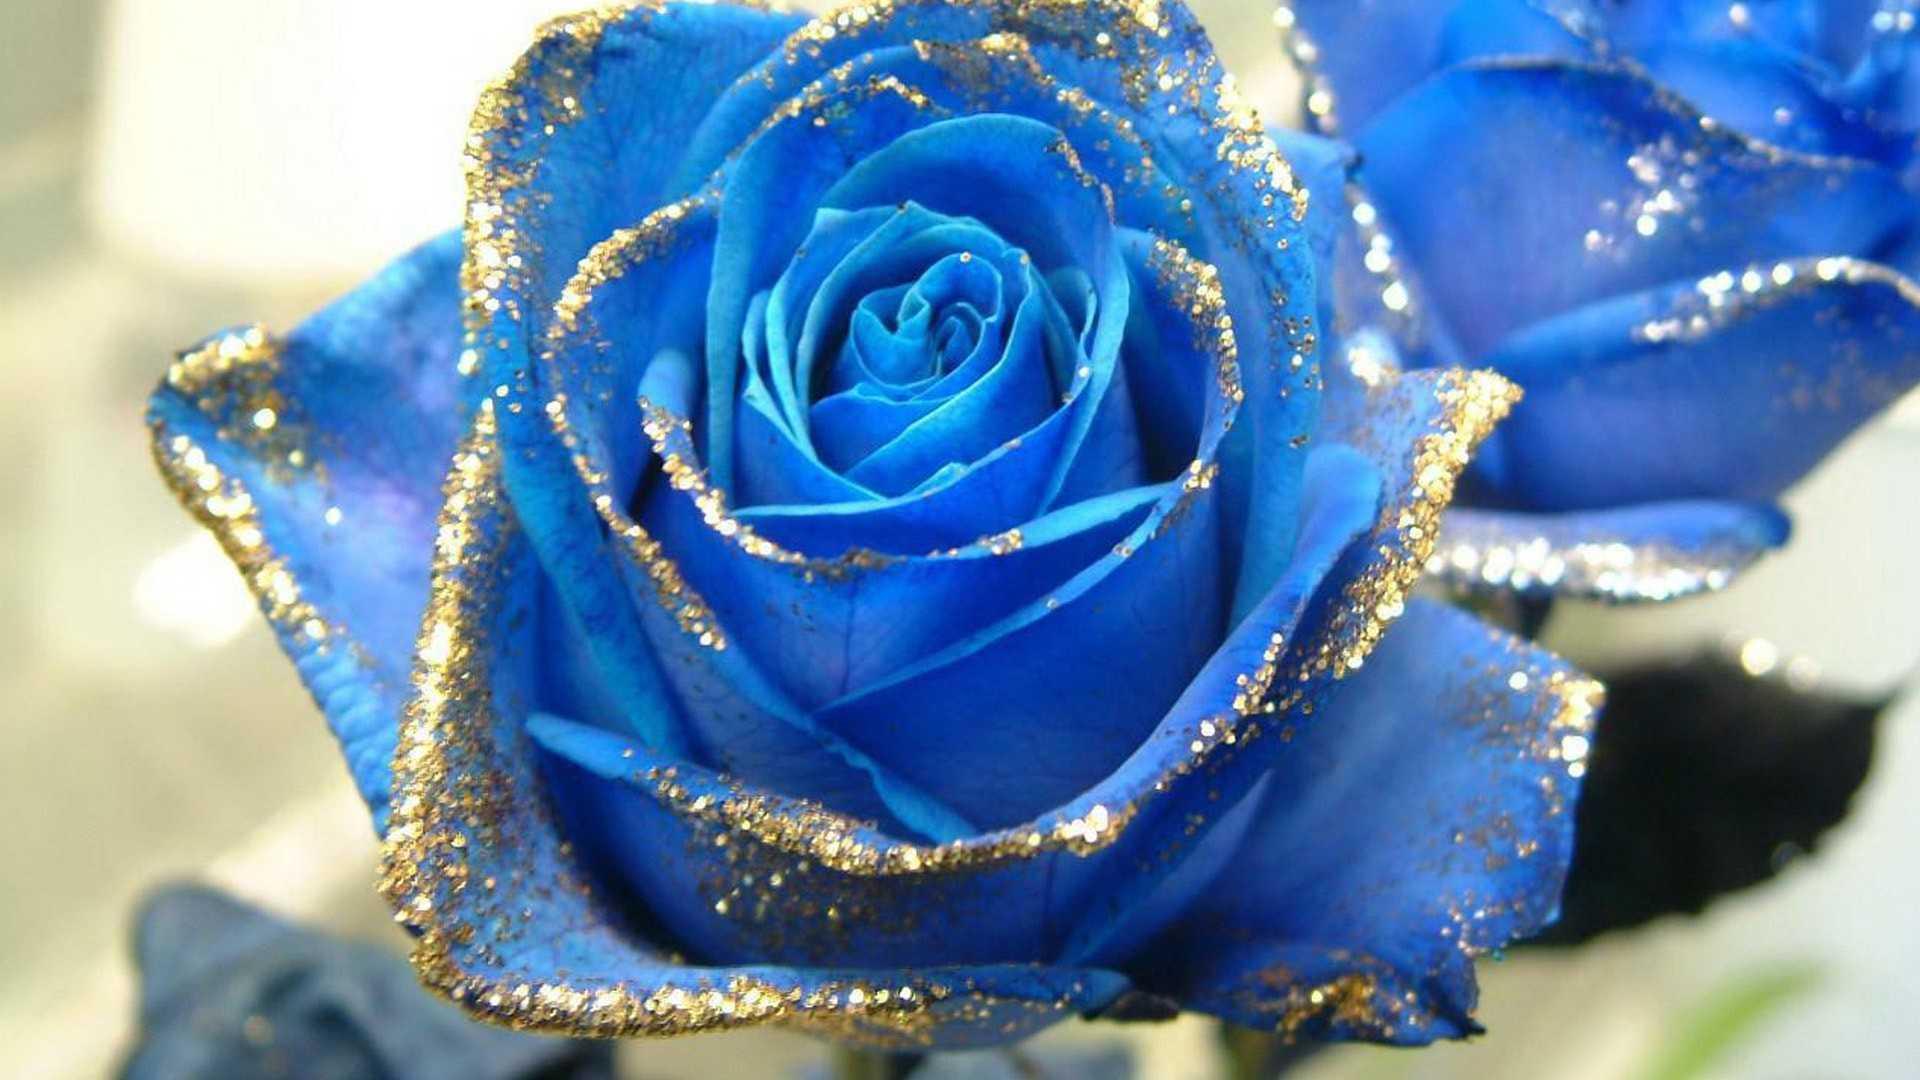 картинки цветы розы синие красивые того